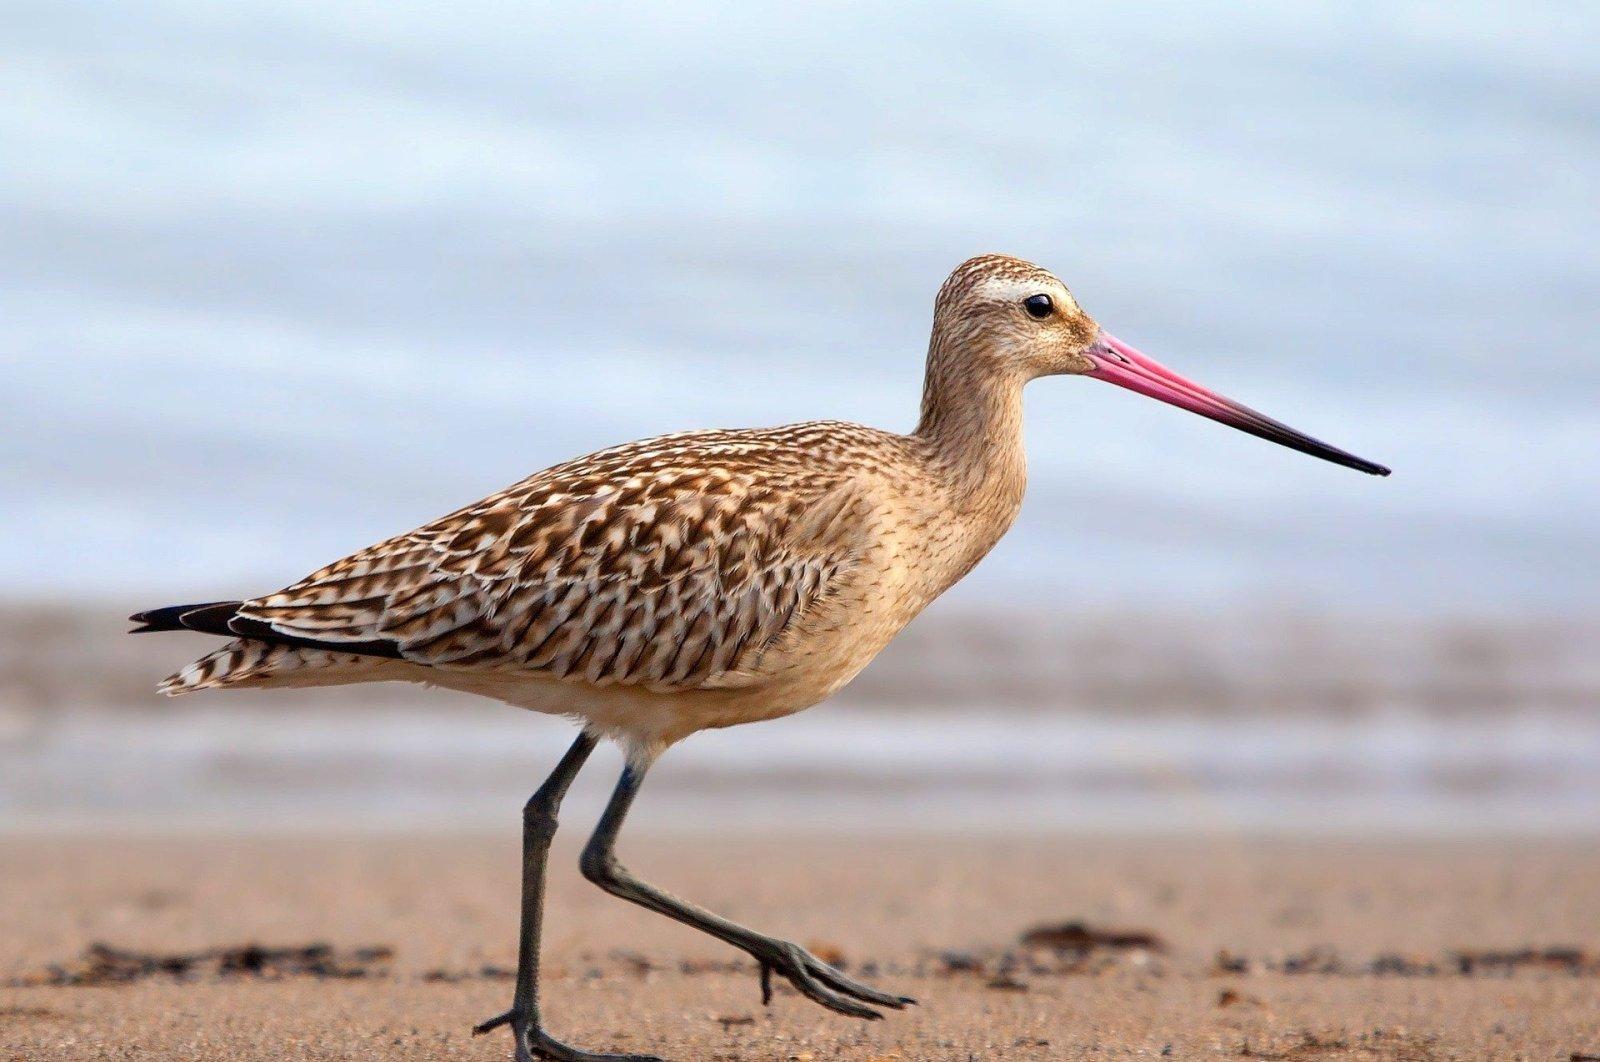 A bar-tailed godwit walks on a sandy beach. (Pixabay photo)